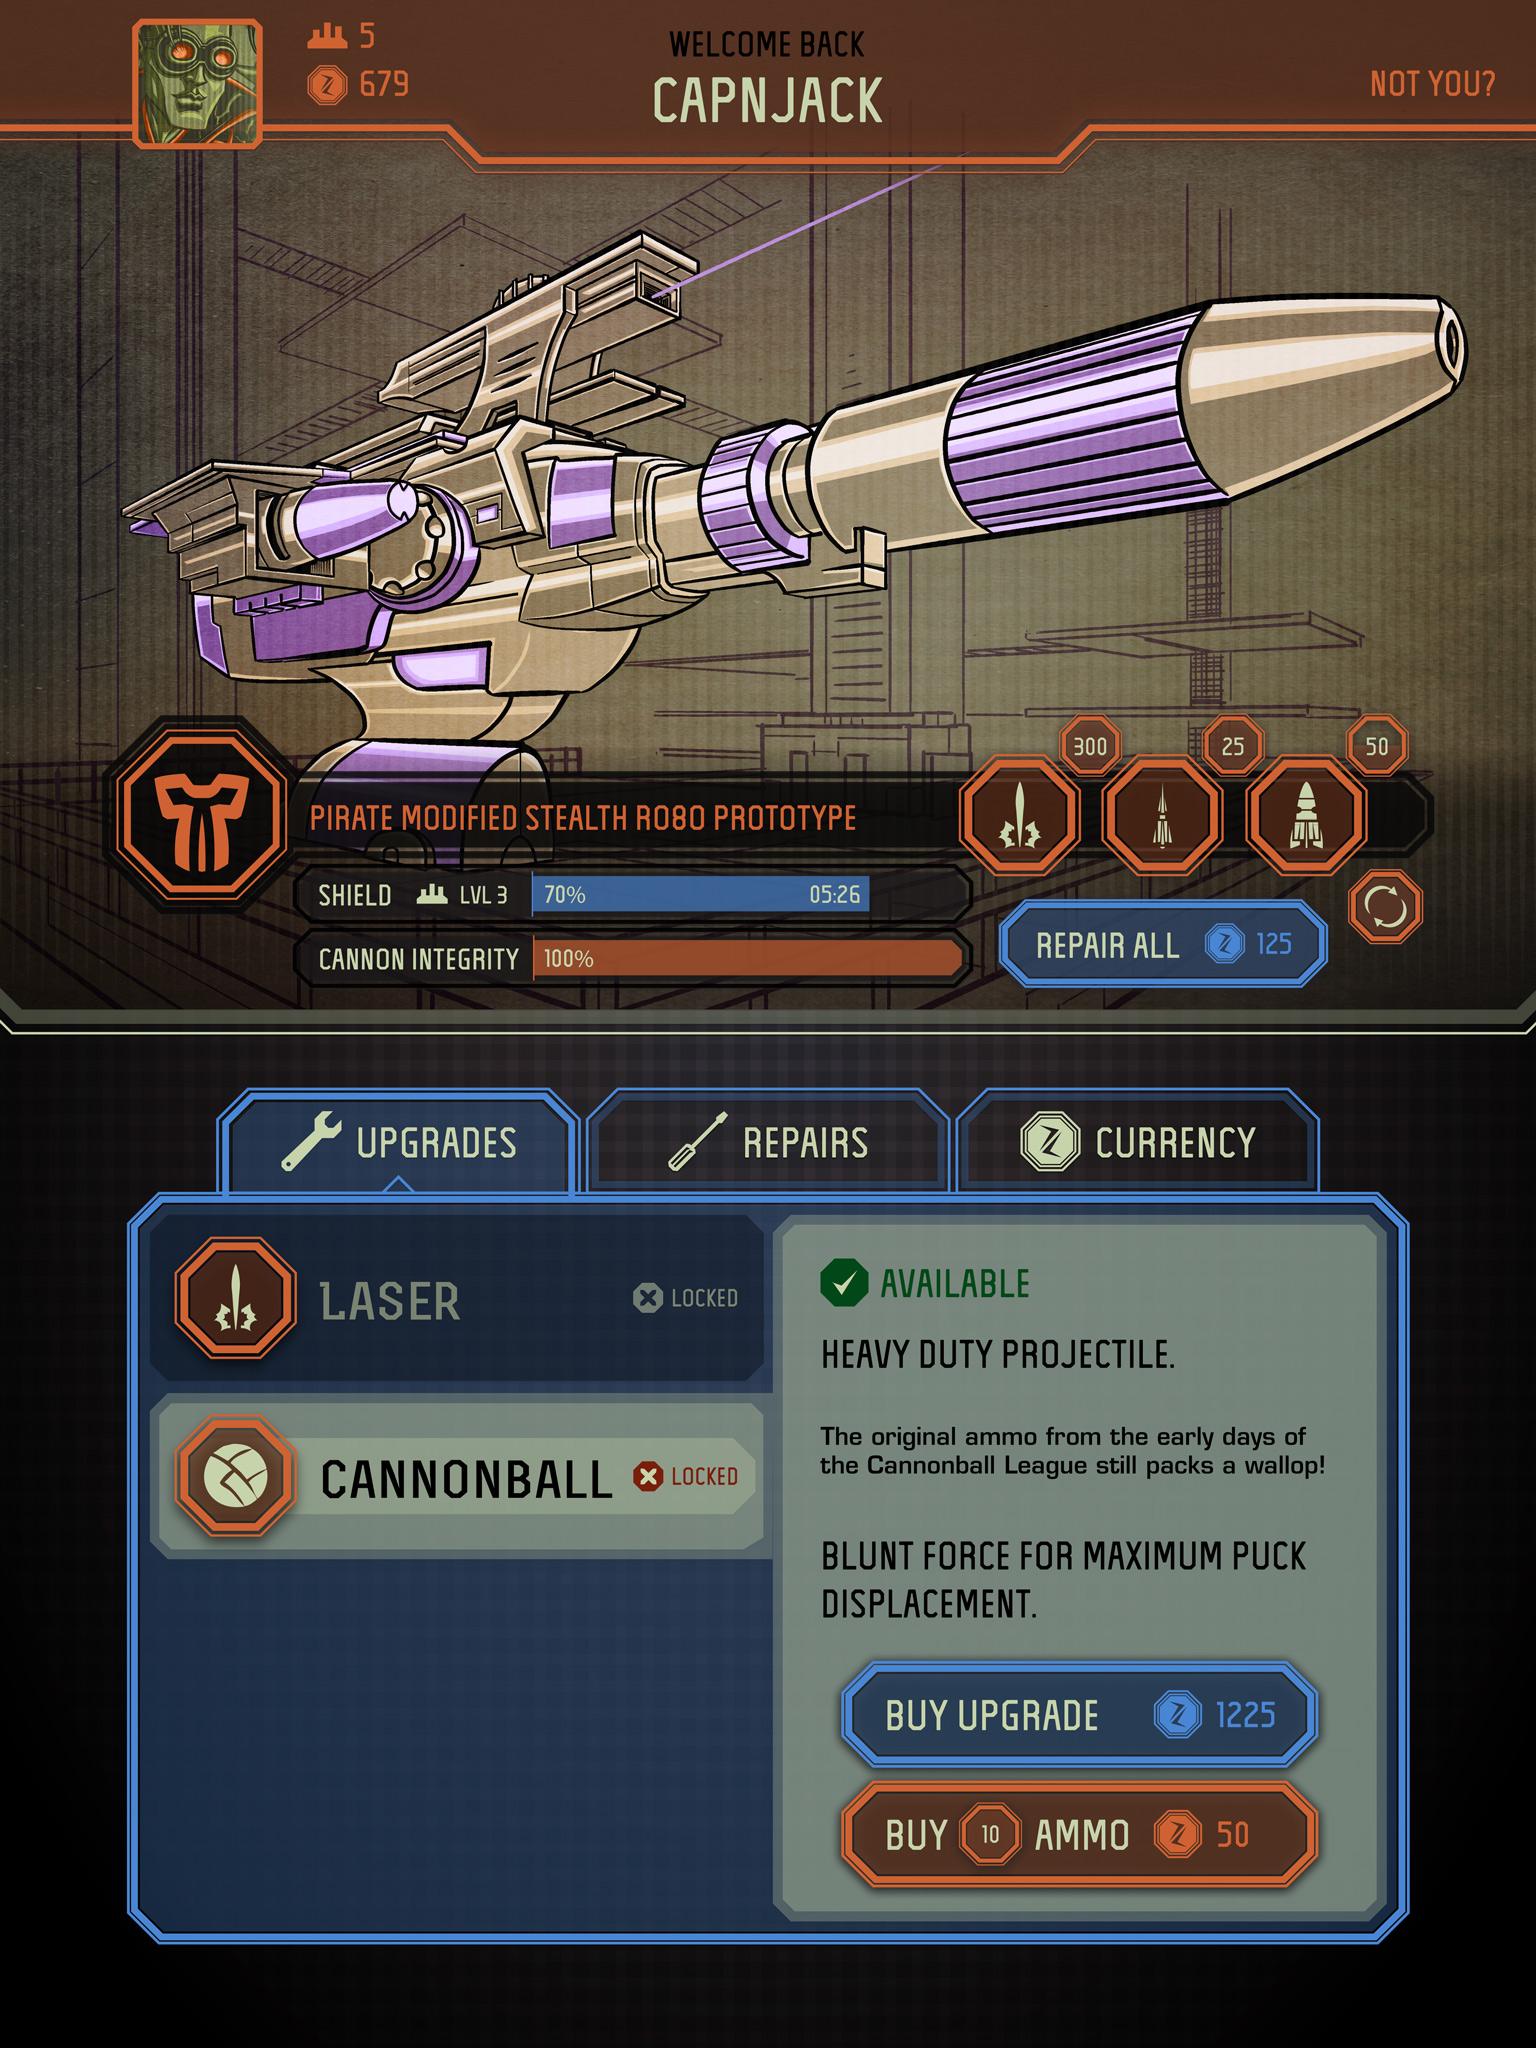 CannonPortrait_Rebel_FullUpgrades_Laser.jpg